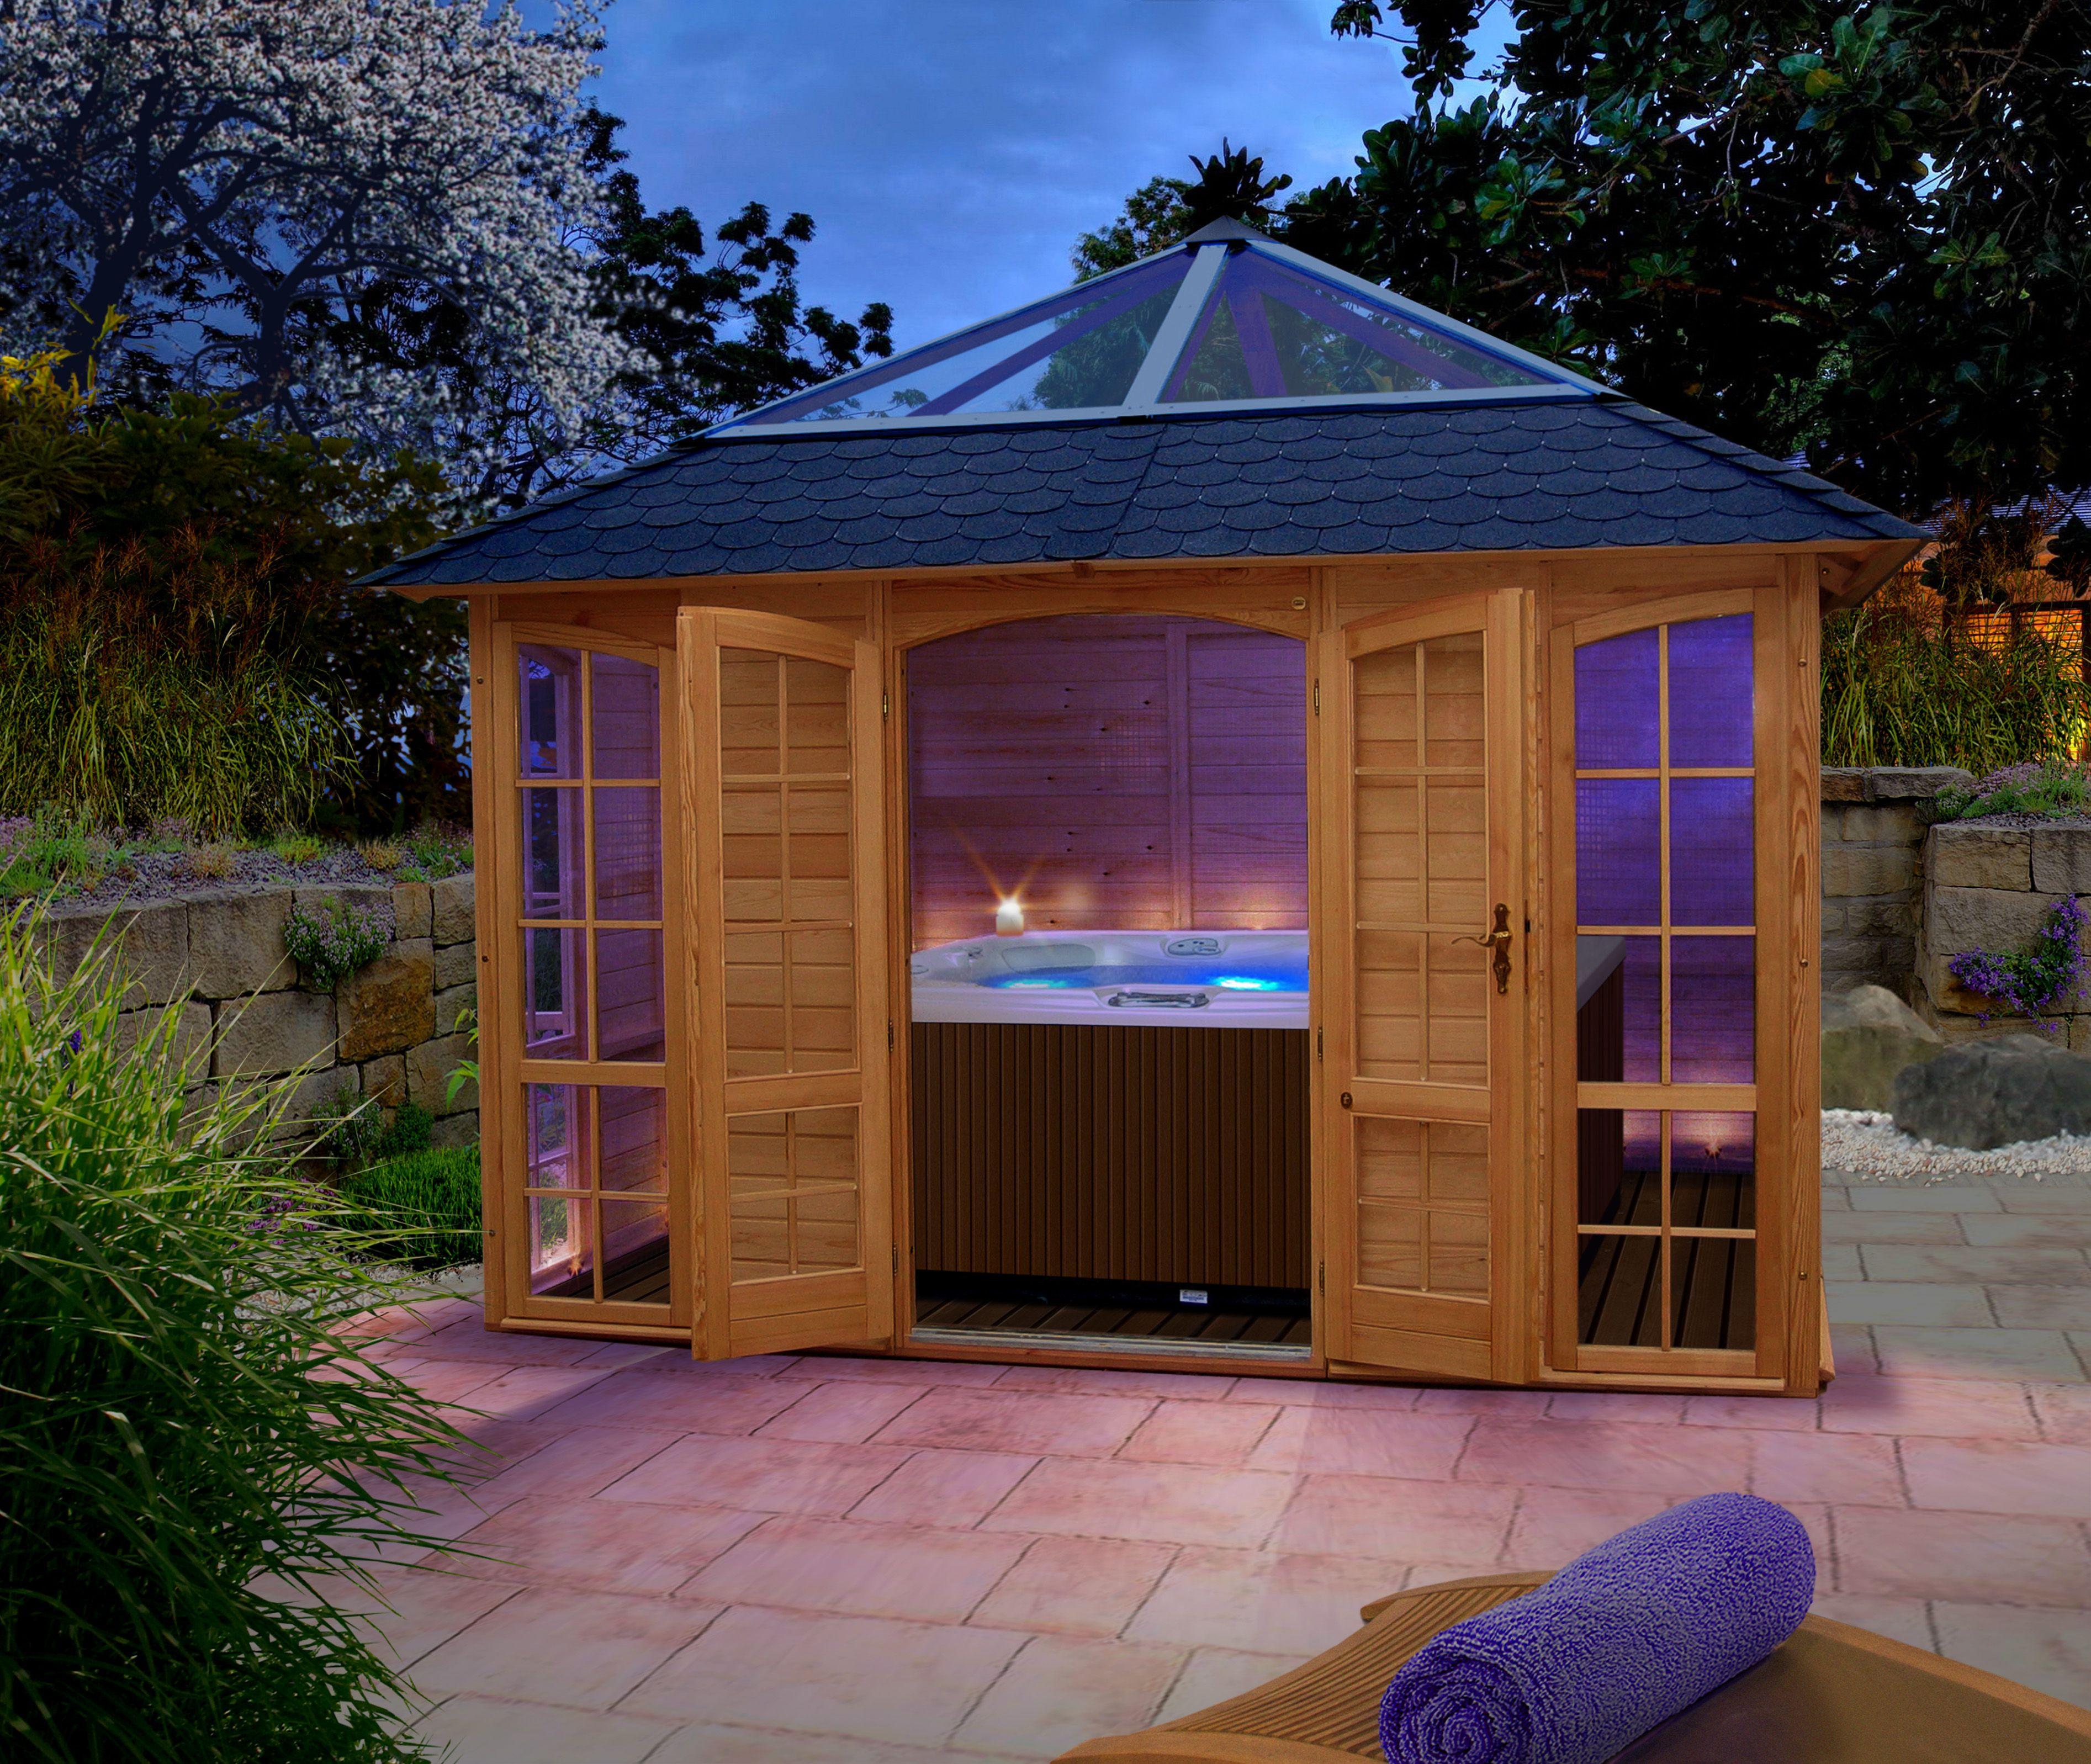 Das kleine Spa im eigenen Garten mit Whirlpool im